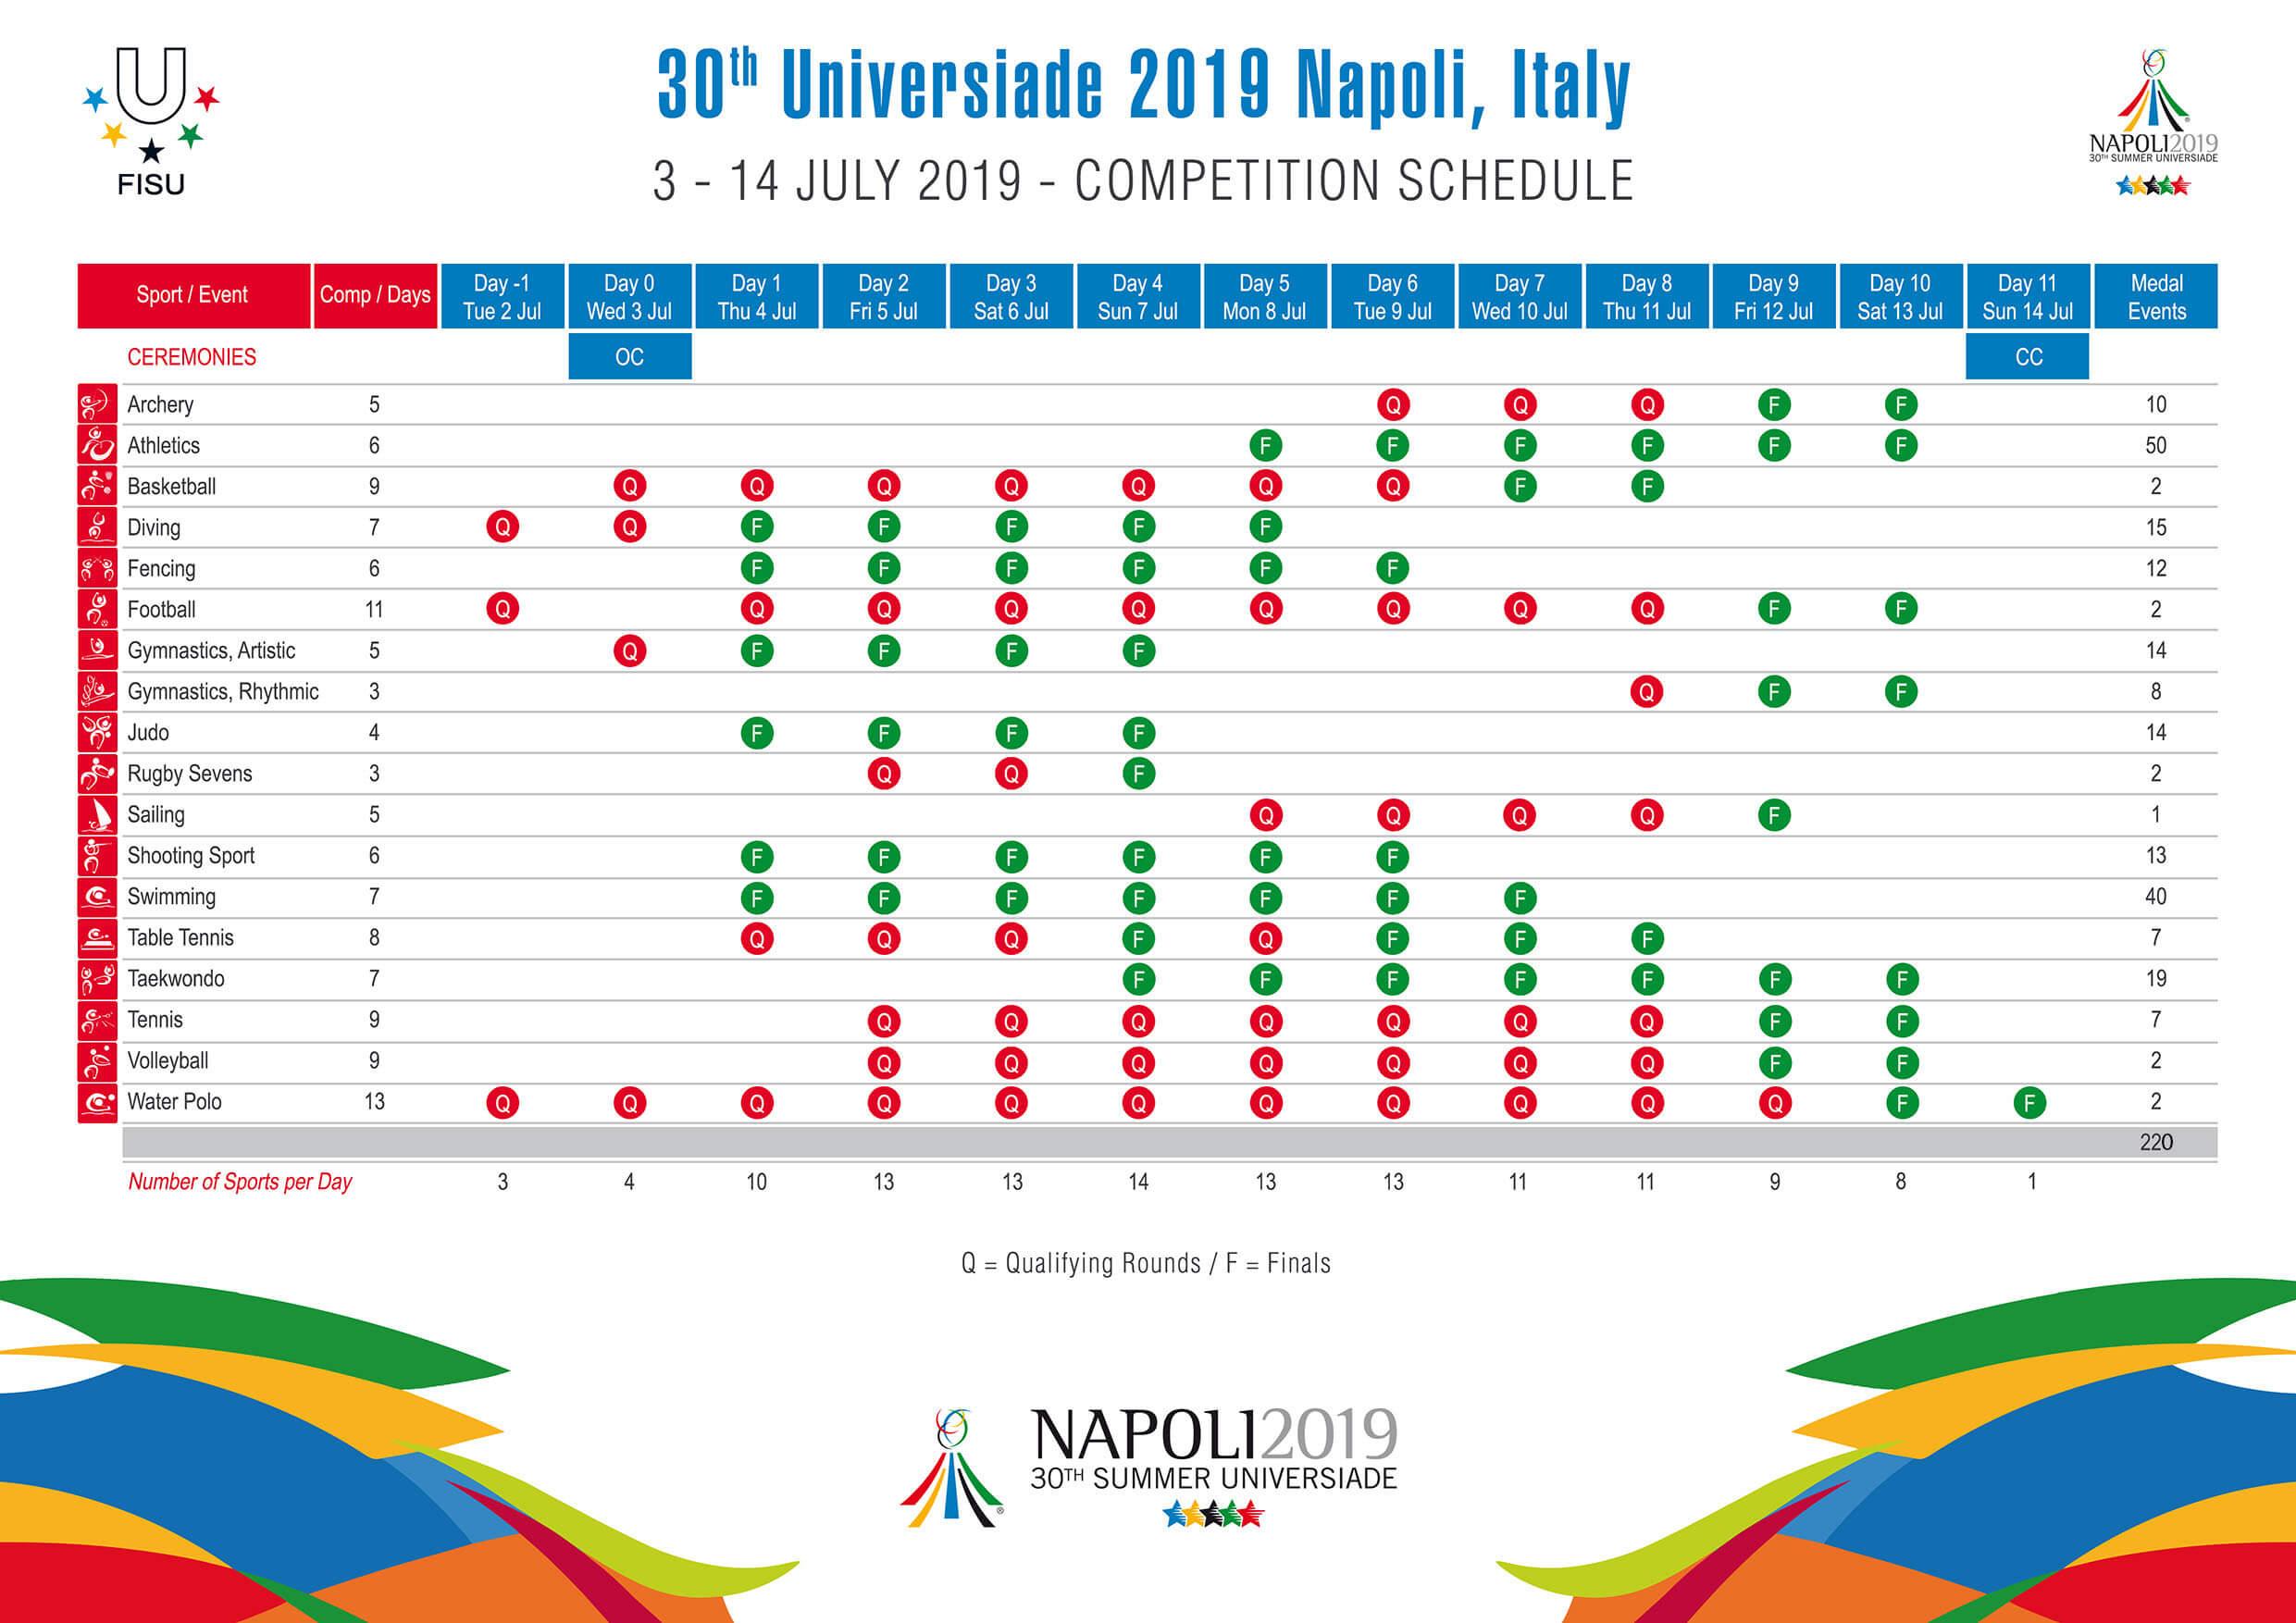 Mondiali Atletica Calendario.Universiade Napoli 2019 Calendario Risultati E Medagliere